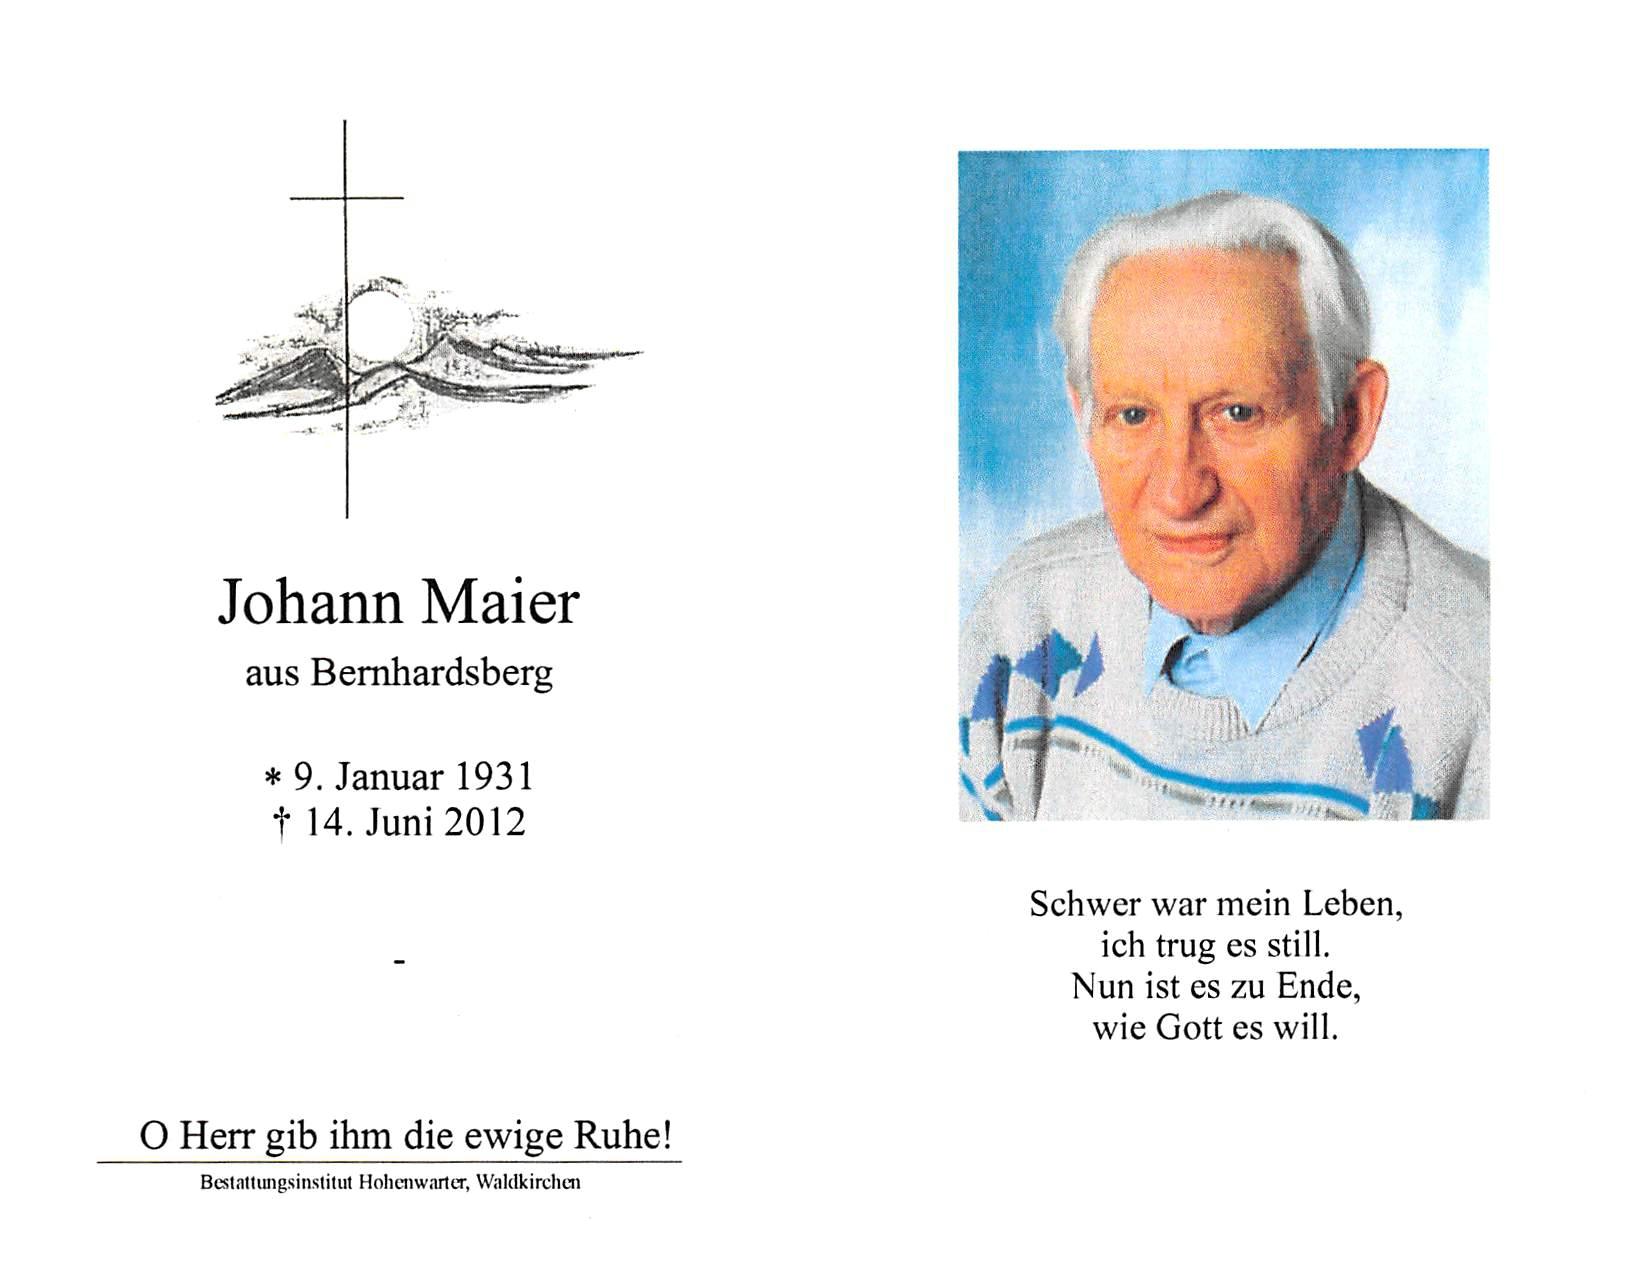 2012-06-14-Maier-Johann-Bernhardsberg